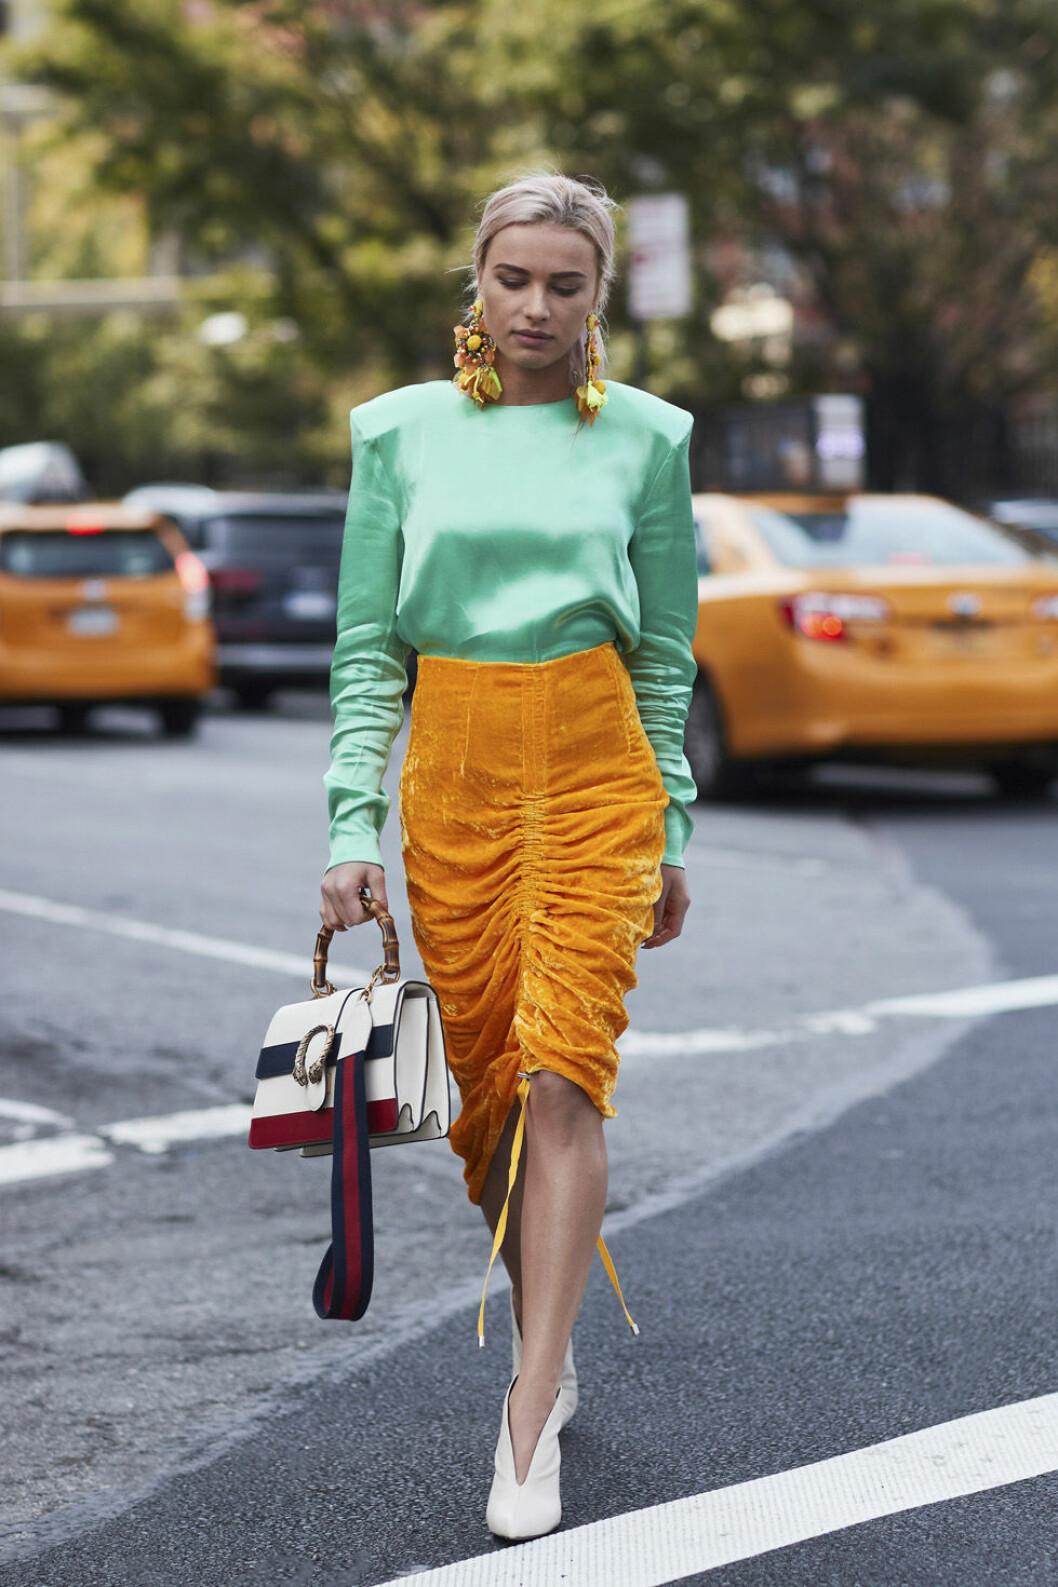 Grön sidentröja och orange kjol.